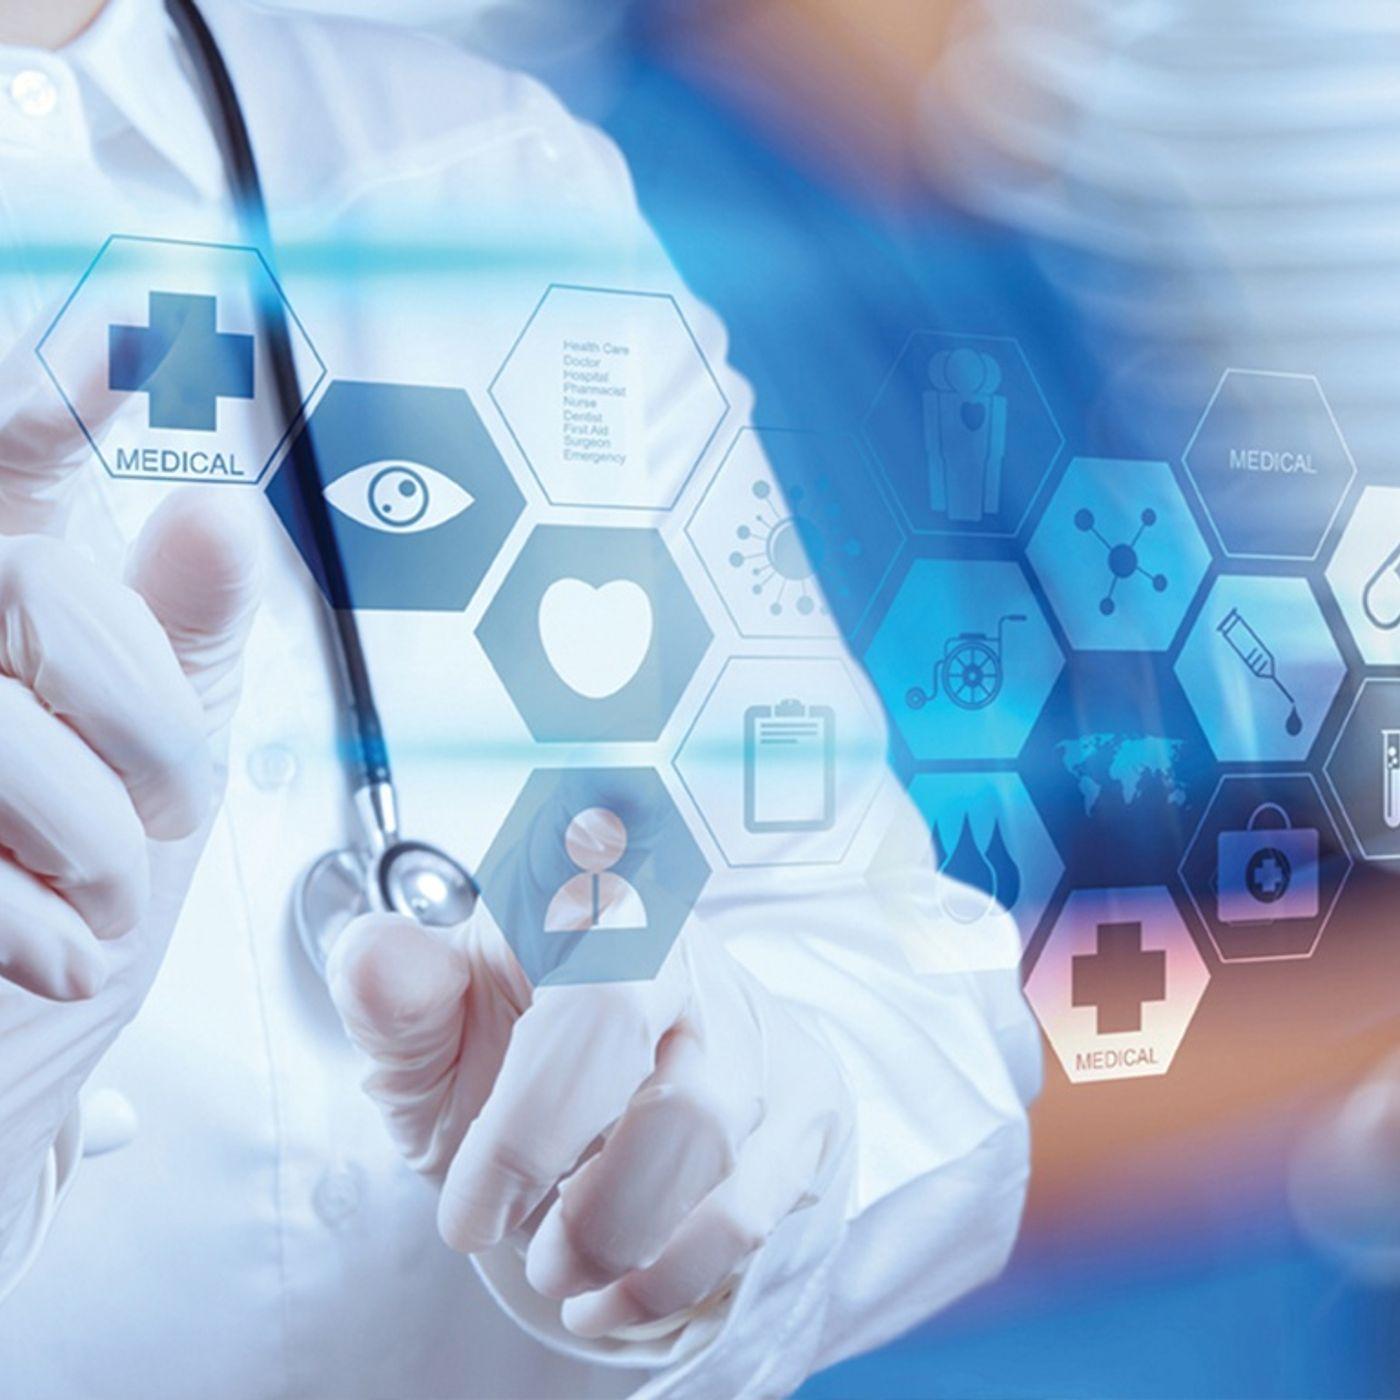 RADIO ANTARES VISION - La riforma della supply chain è il prossimo passo (post-Covid) del settore healthcare